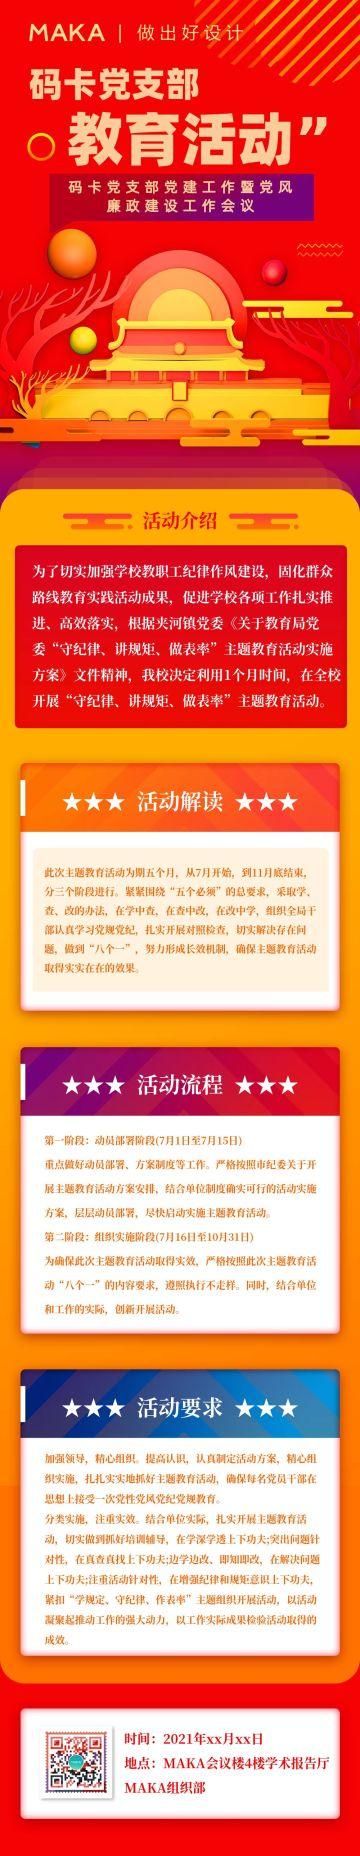 红色简约风党建活动文章长图